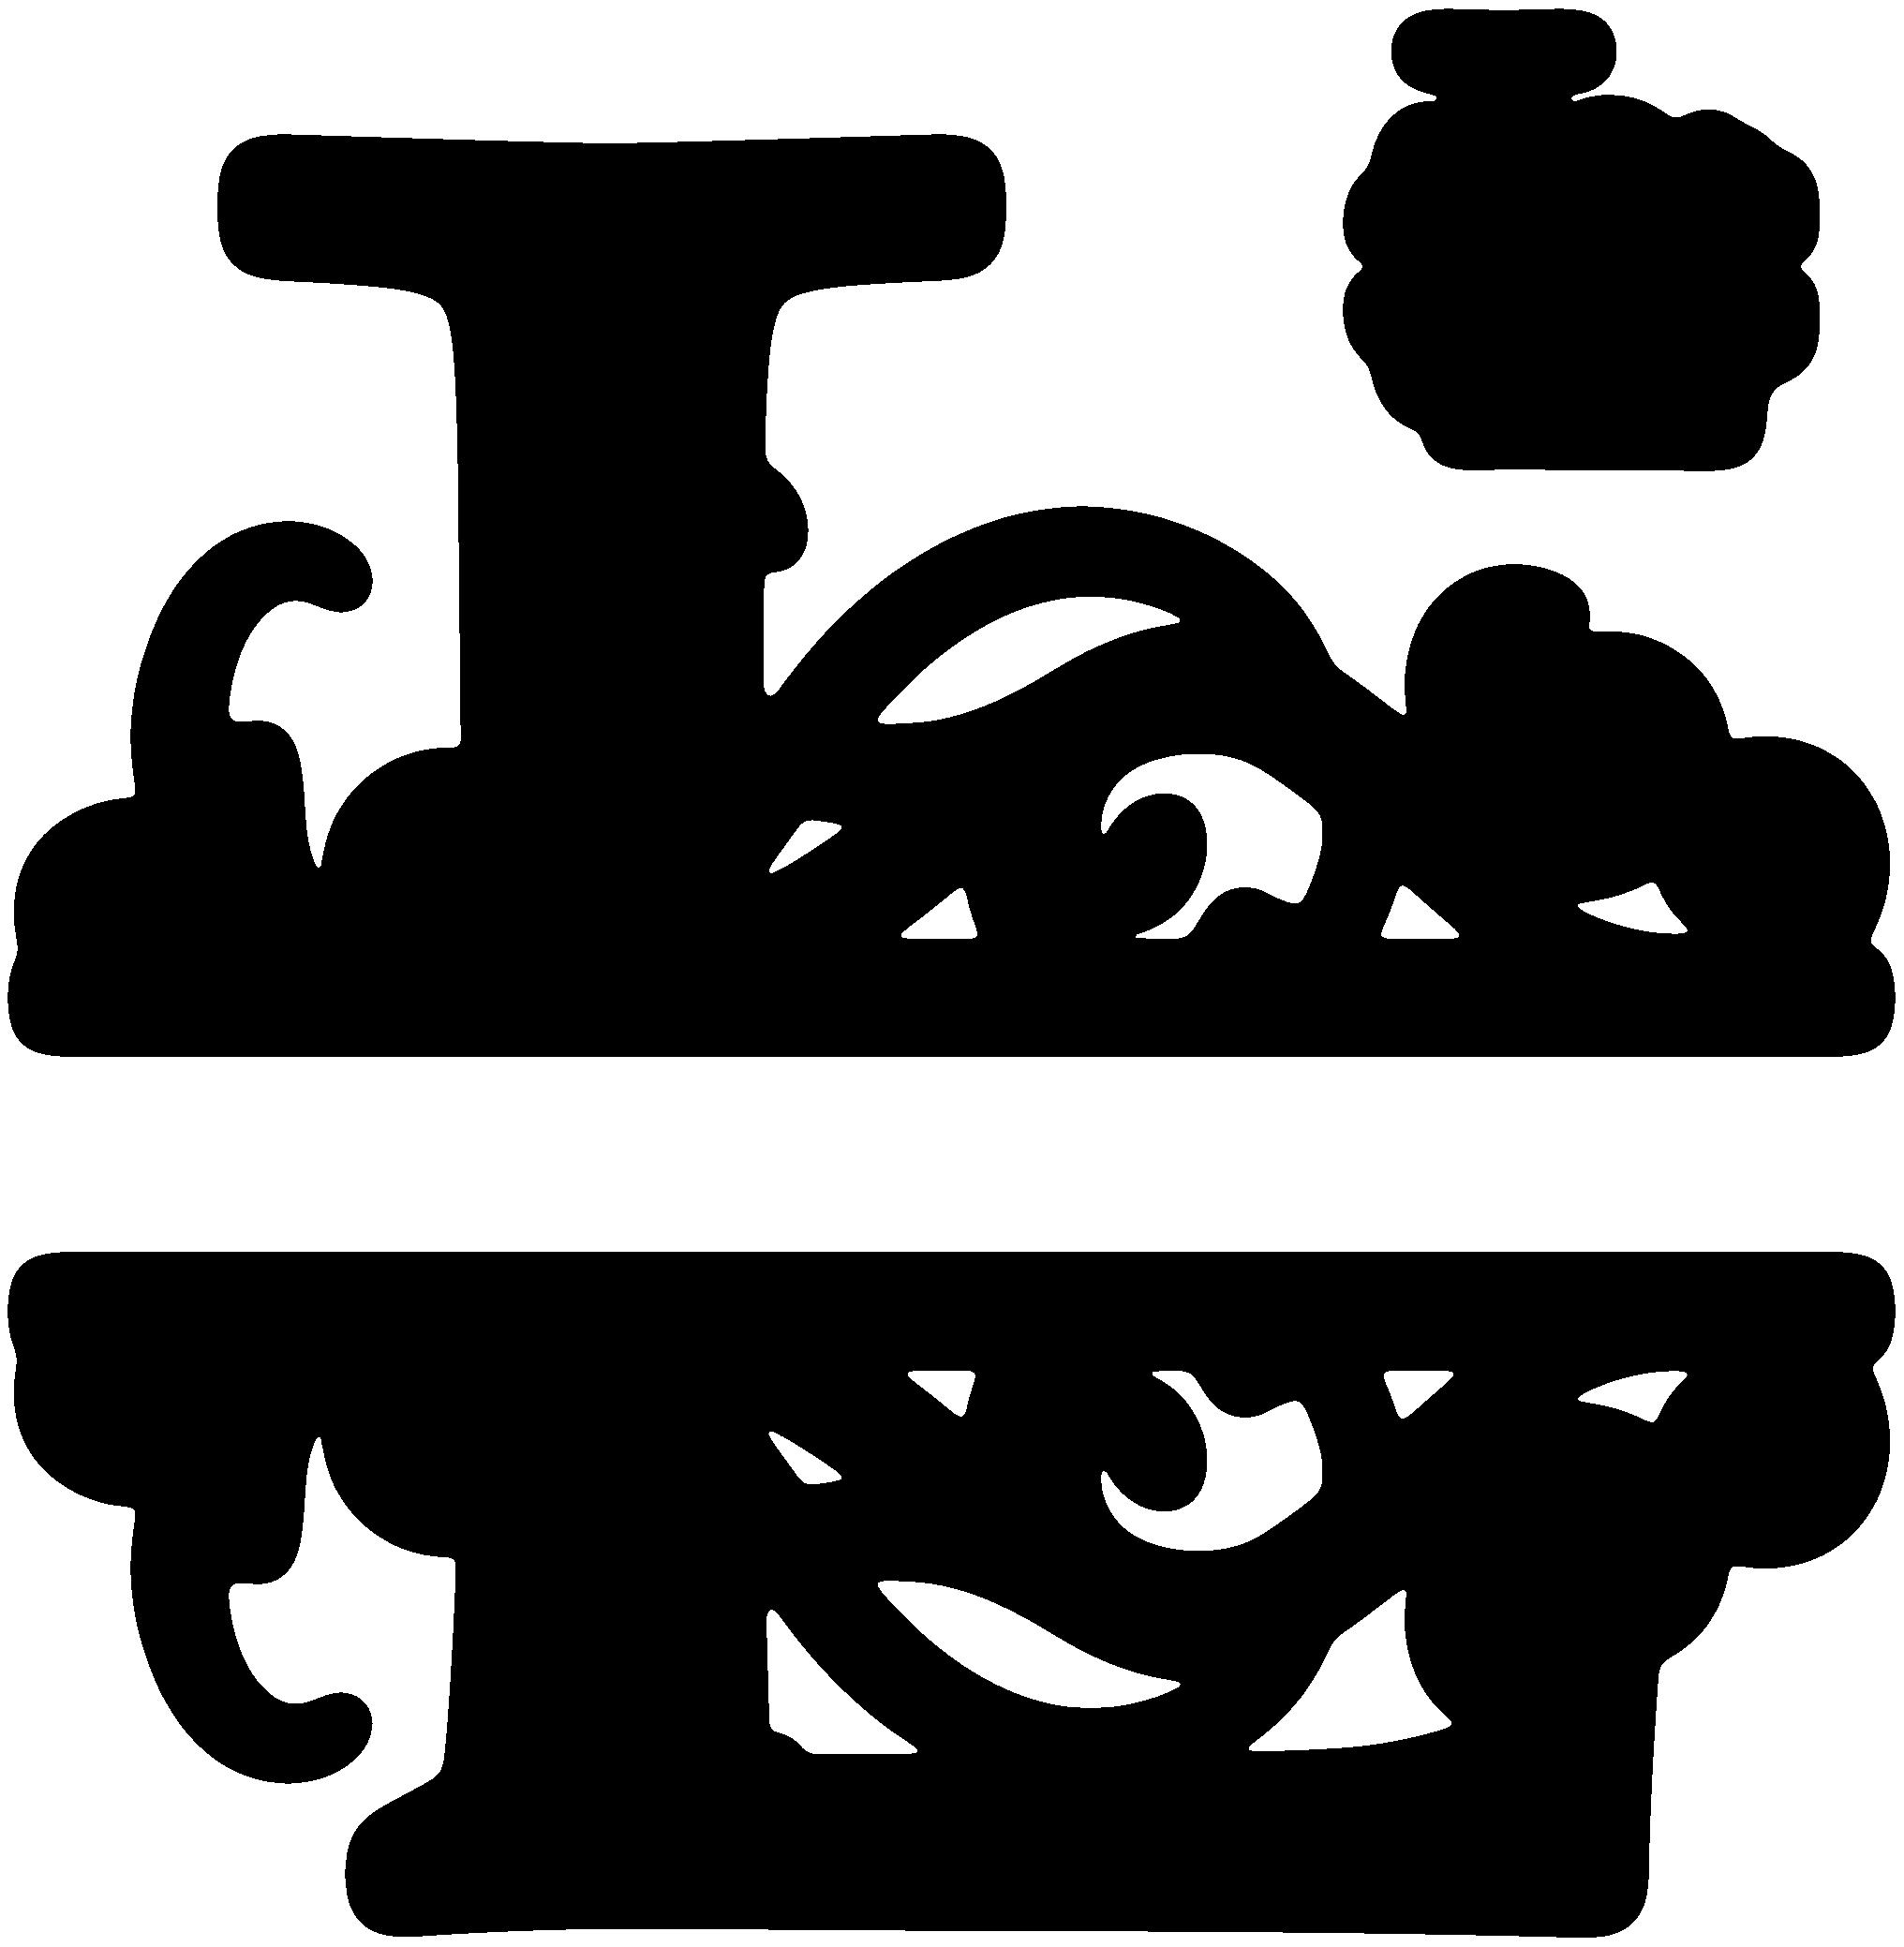 clip art transparent stock L clipart fancy letter. Split monogram sds svgattic.